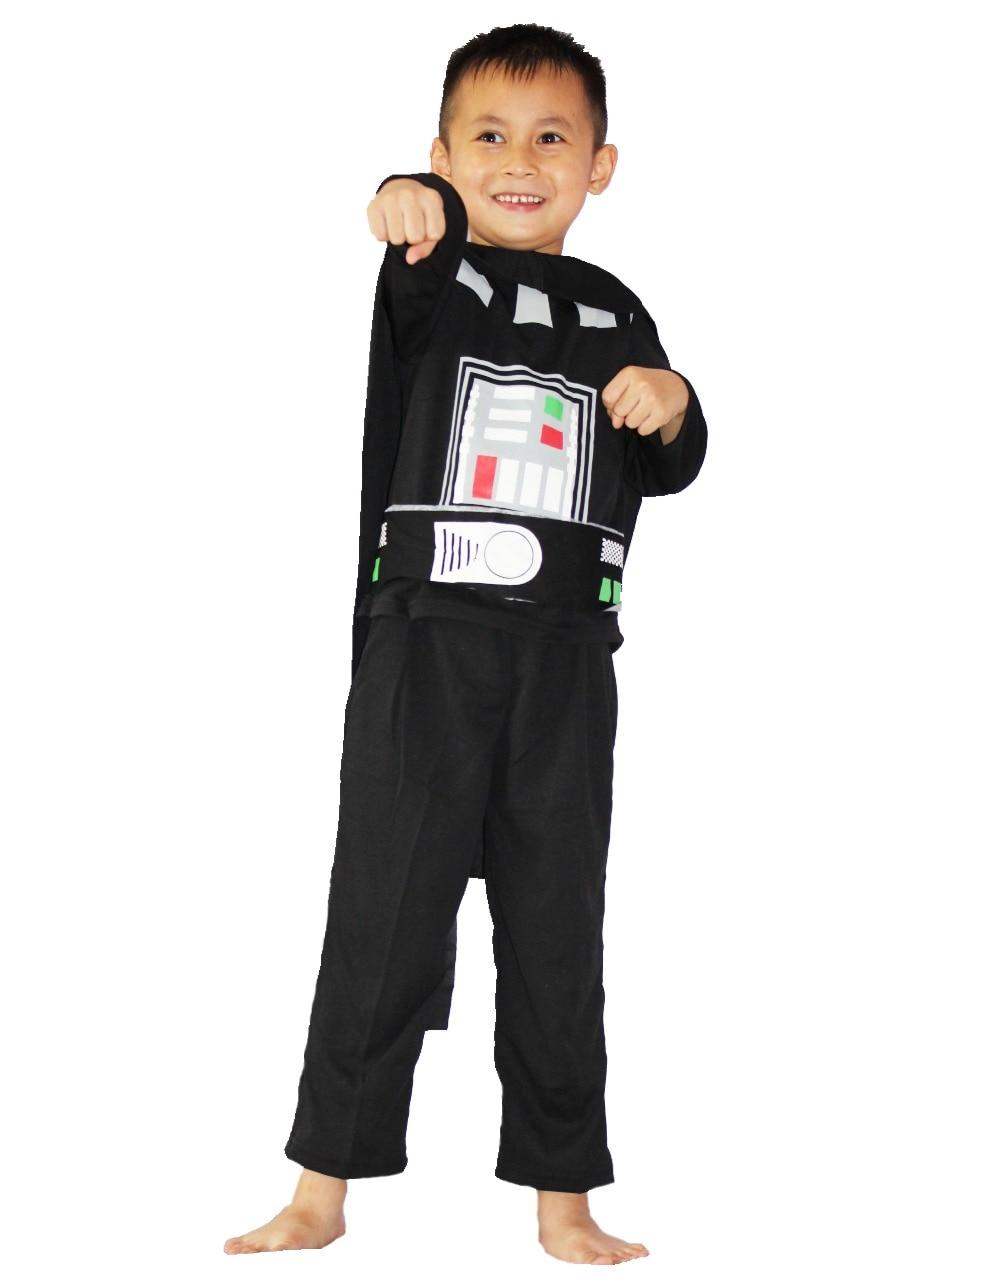 Մեծածախ / մանրածախ 3-7 տարեկան տղա - Կարնավալային հագուստները - Լուսանկար 3